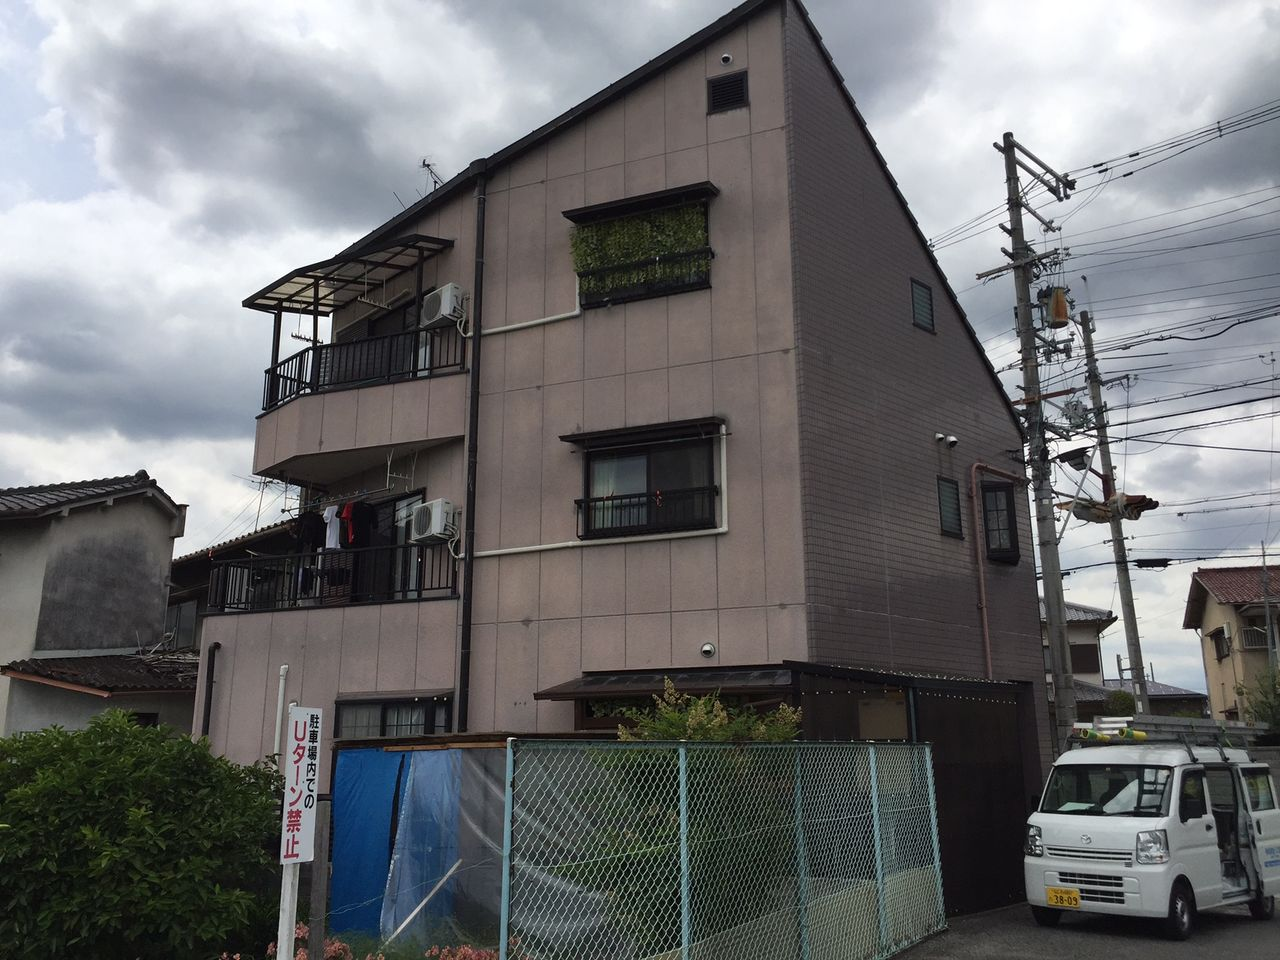 永田邸 河内長野市 外観 施工前 (2)